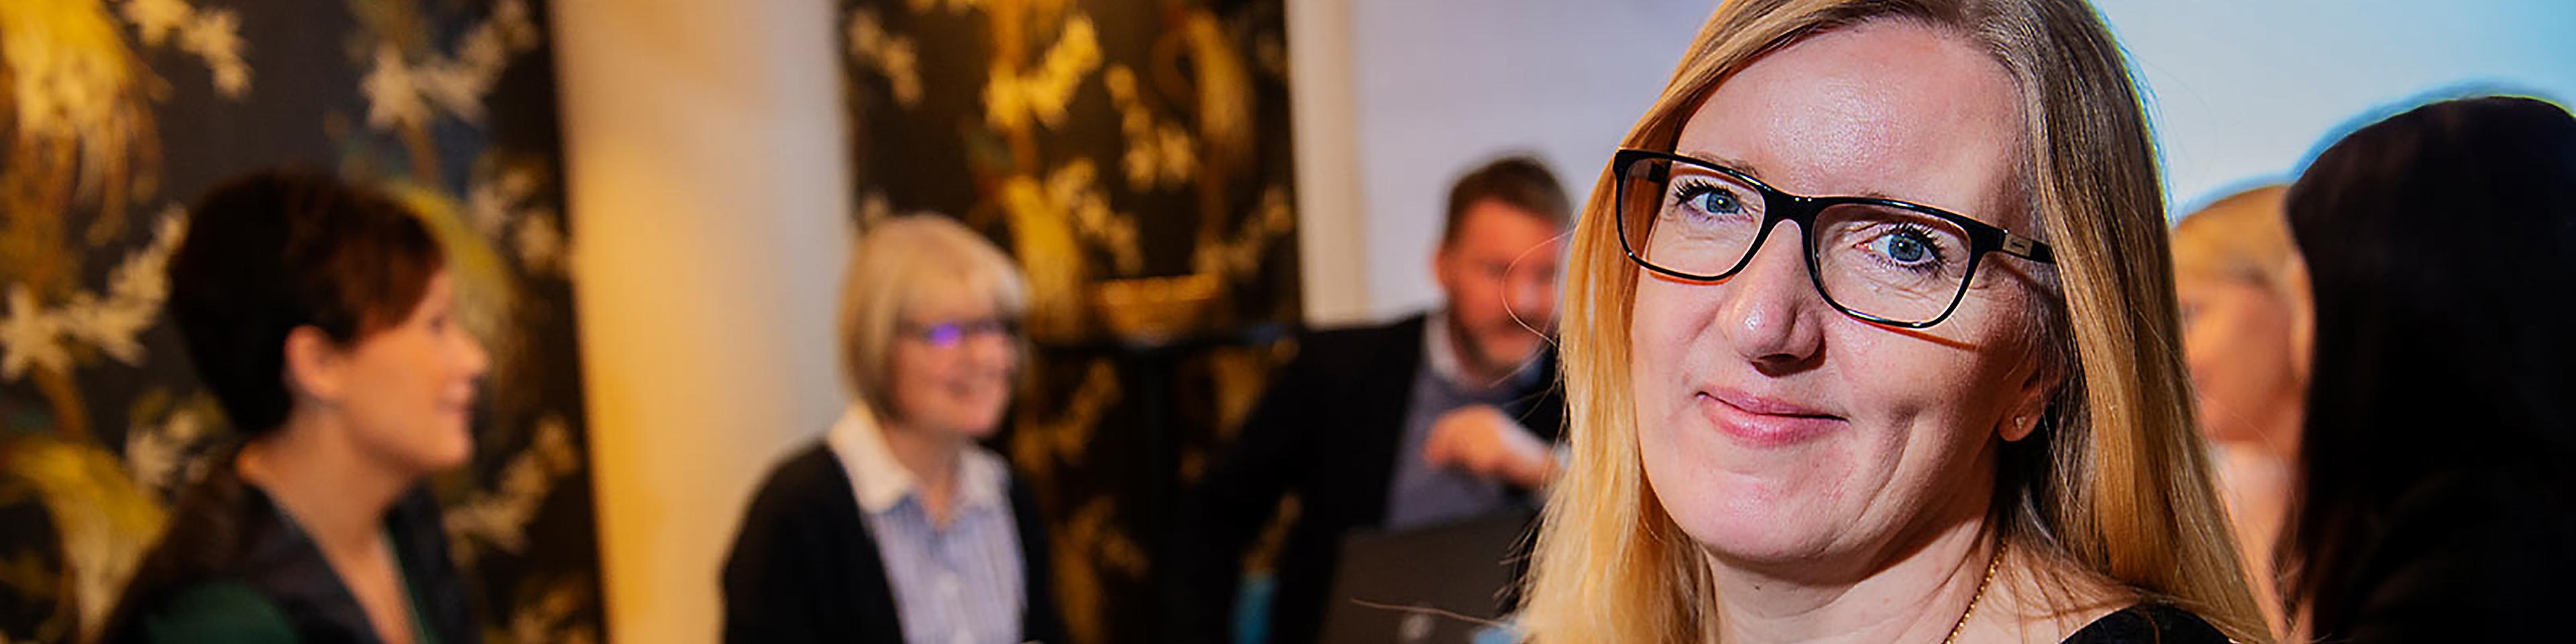 Anne-Marie på Bengt Dahlgren